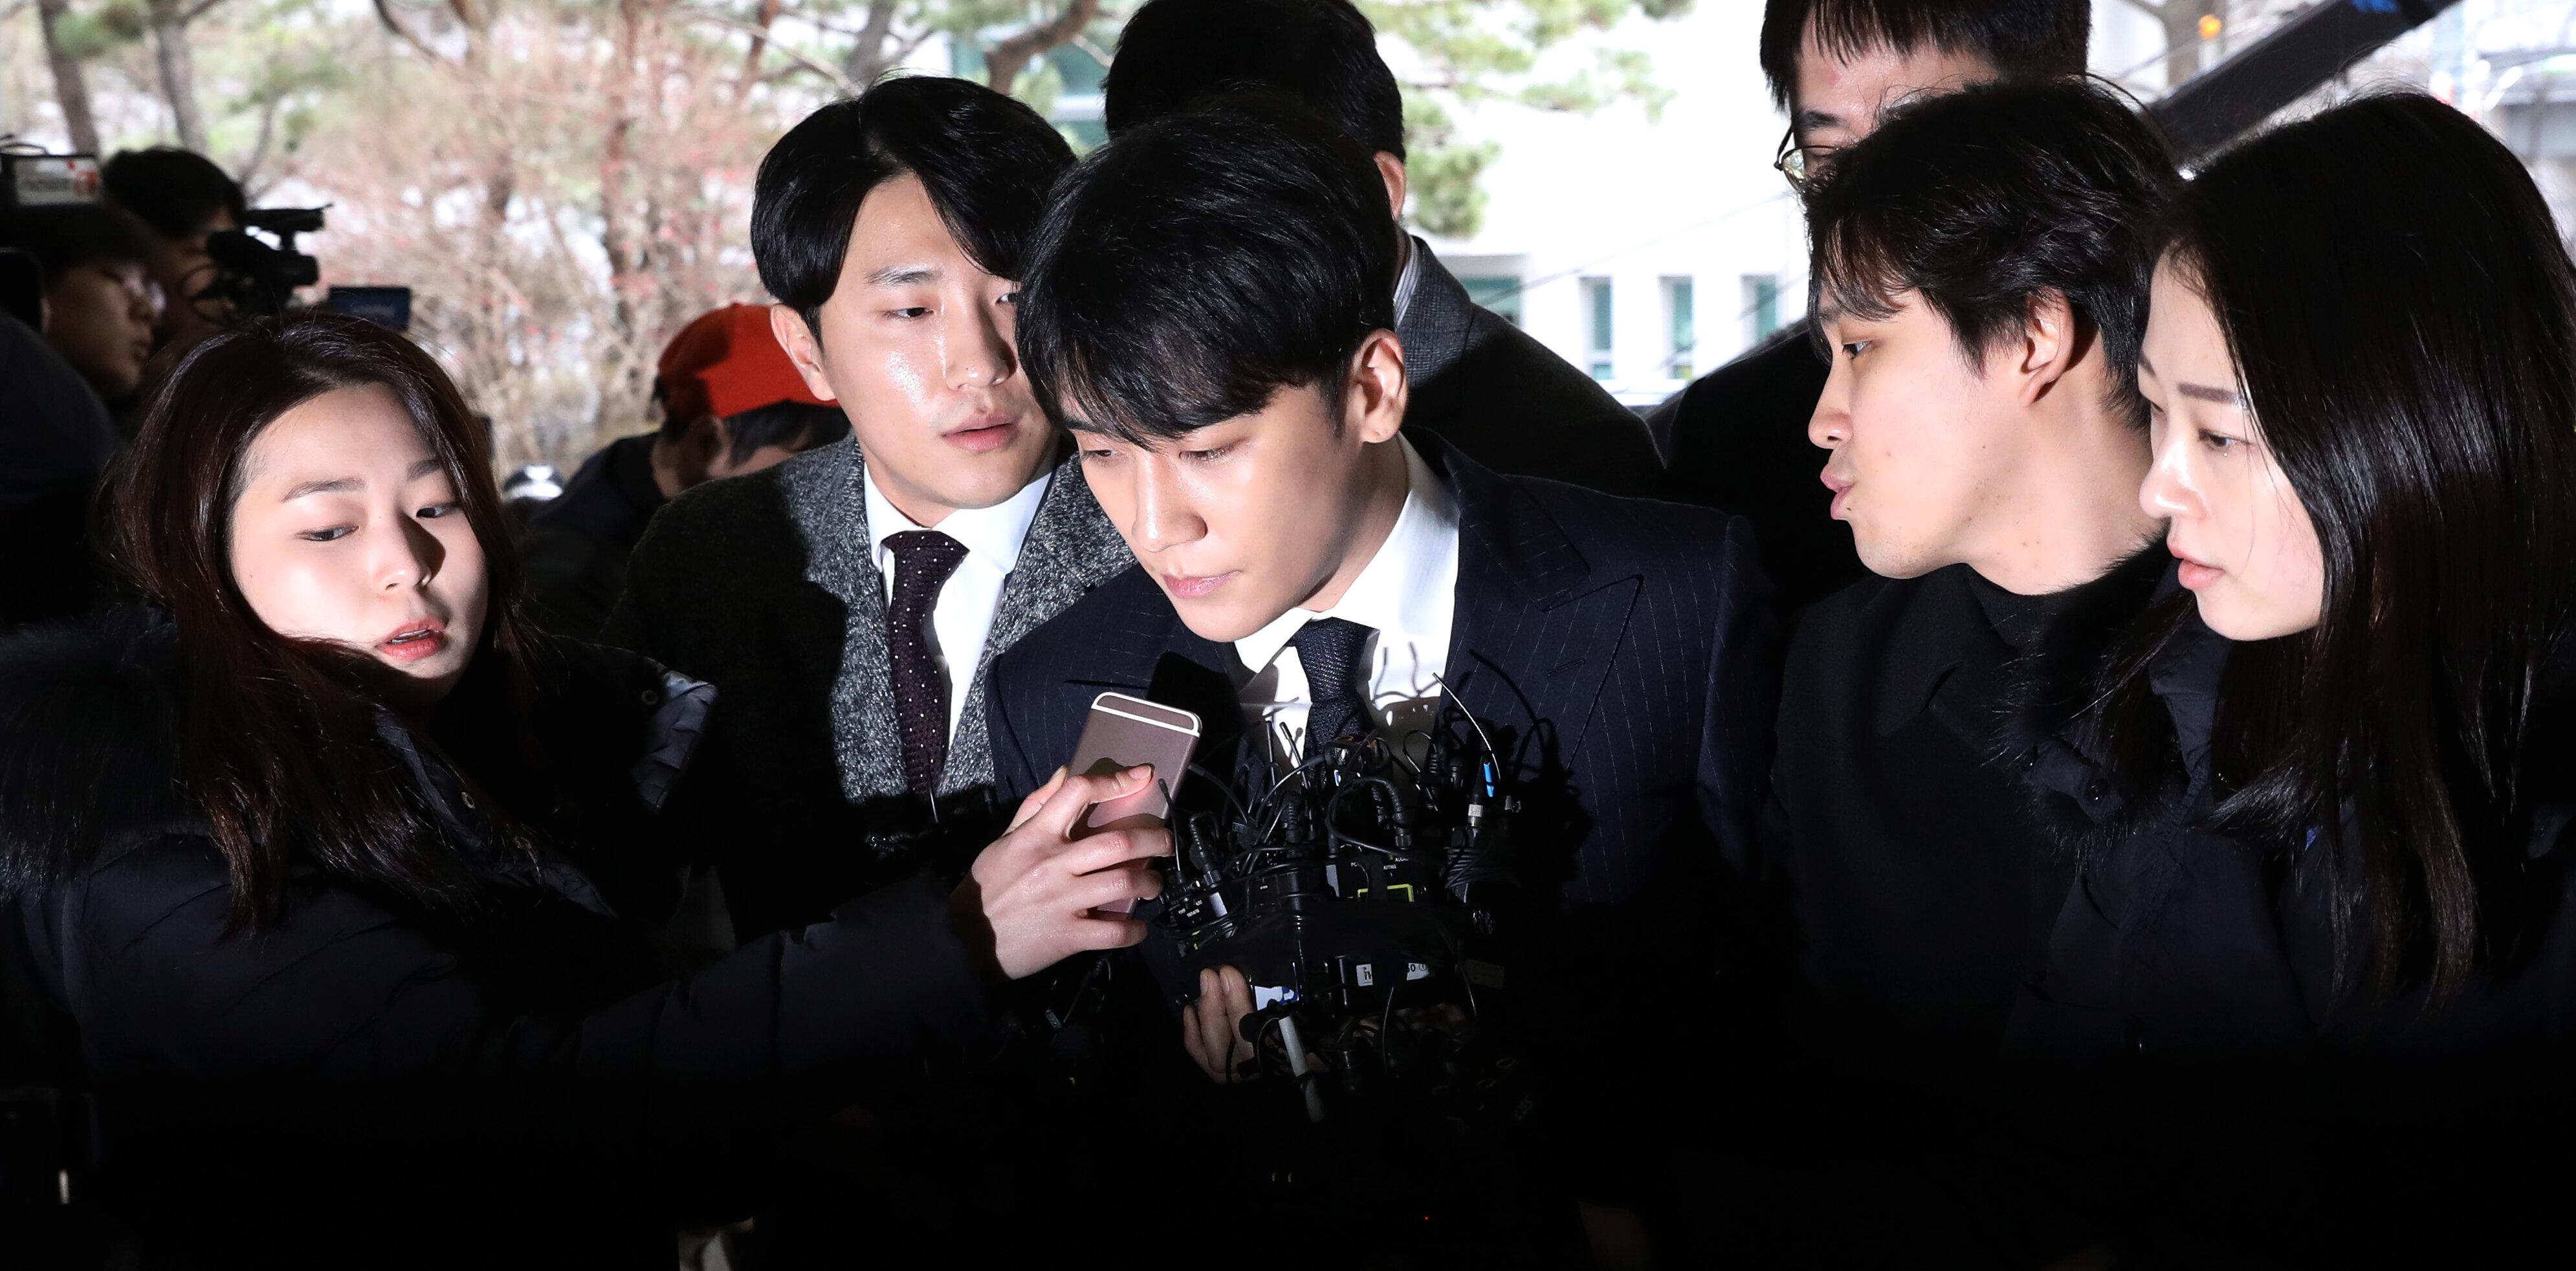 '경찰총장' 윤모 총경이 靑 행정관에 만남 제안했다는 보도가